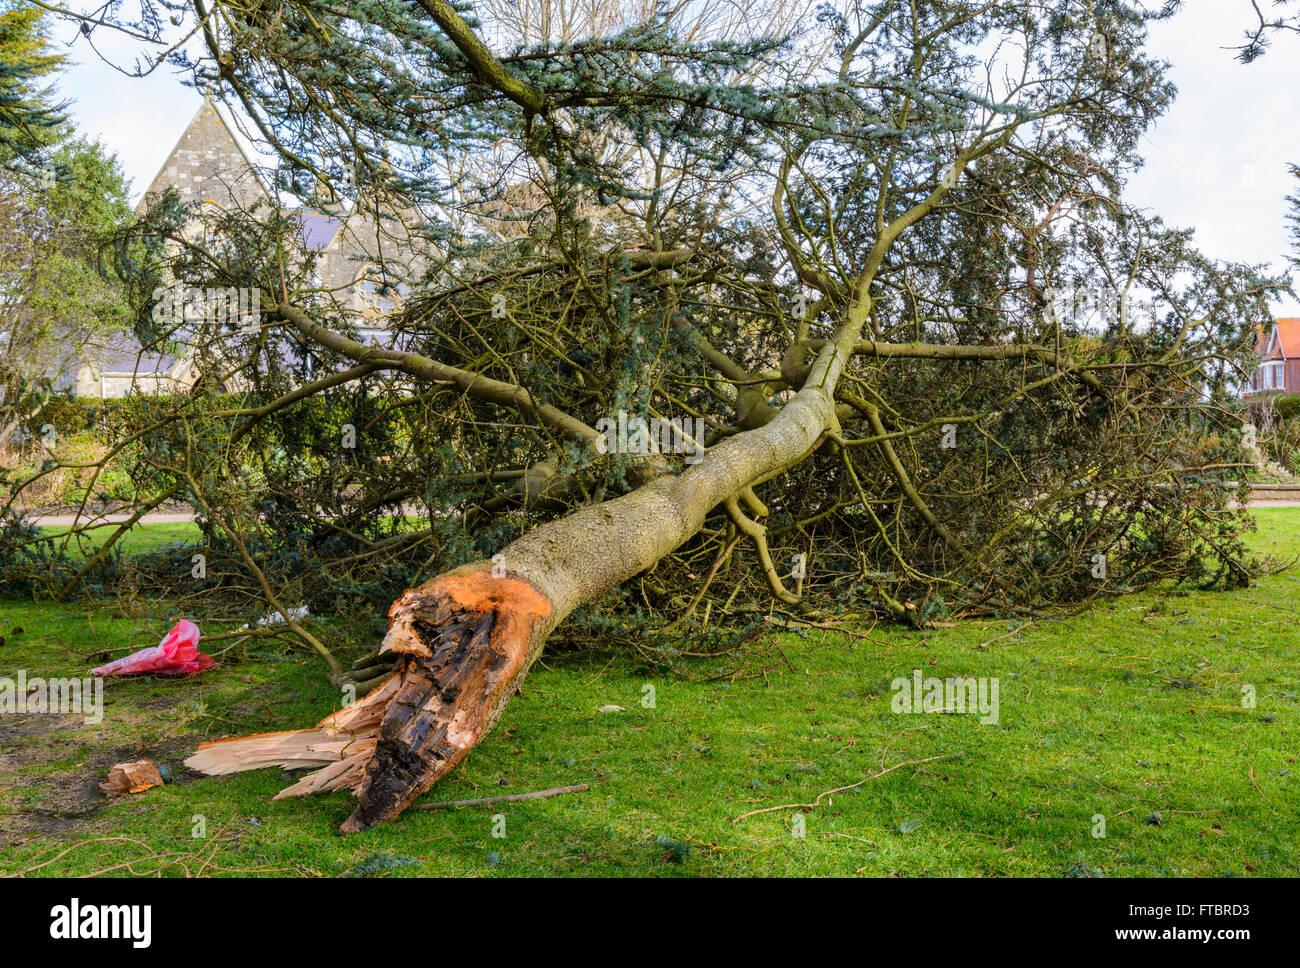 Arbre endommagé. Branche d'un arbre cassé du tronc principal pendant les coups de vent dans le sud Photo Stock